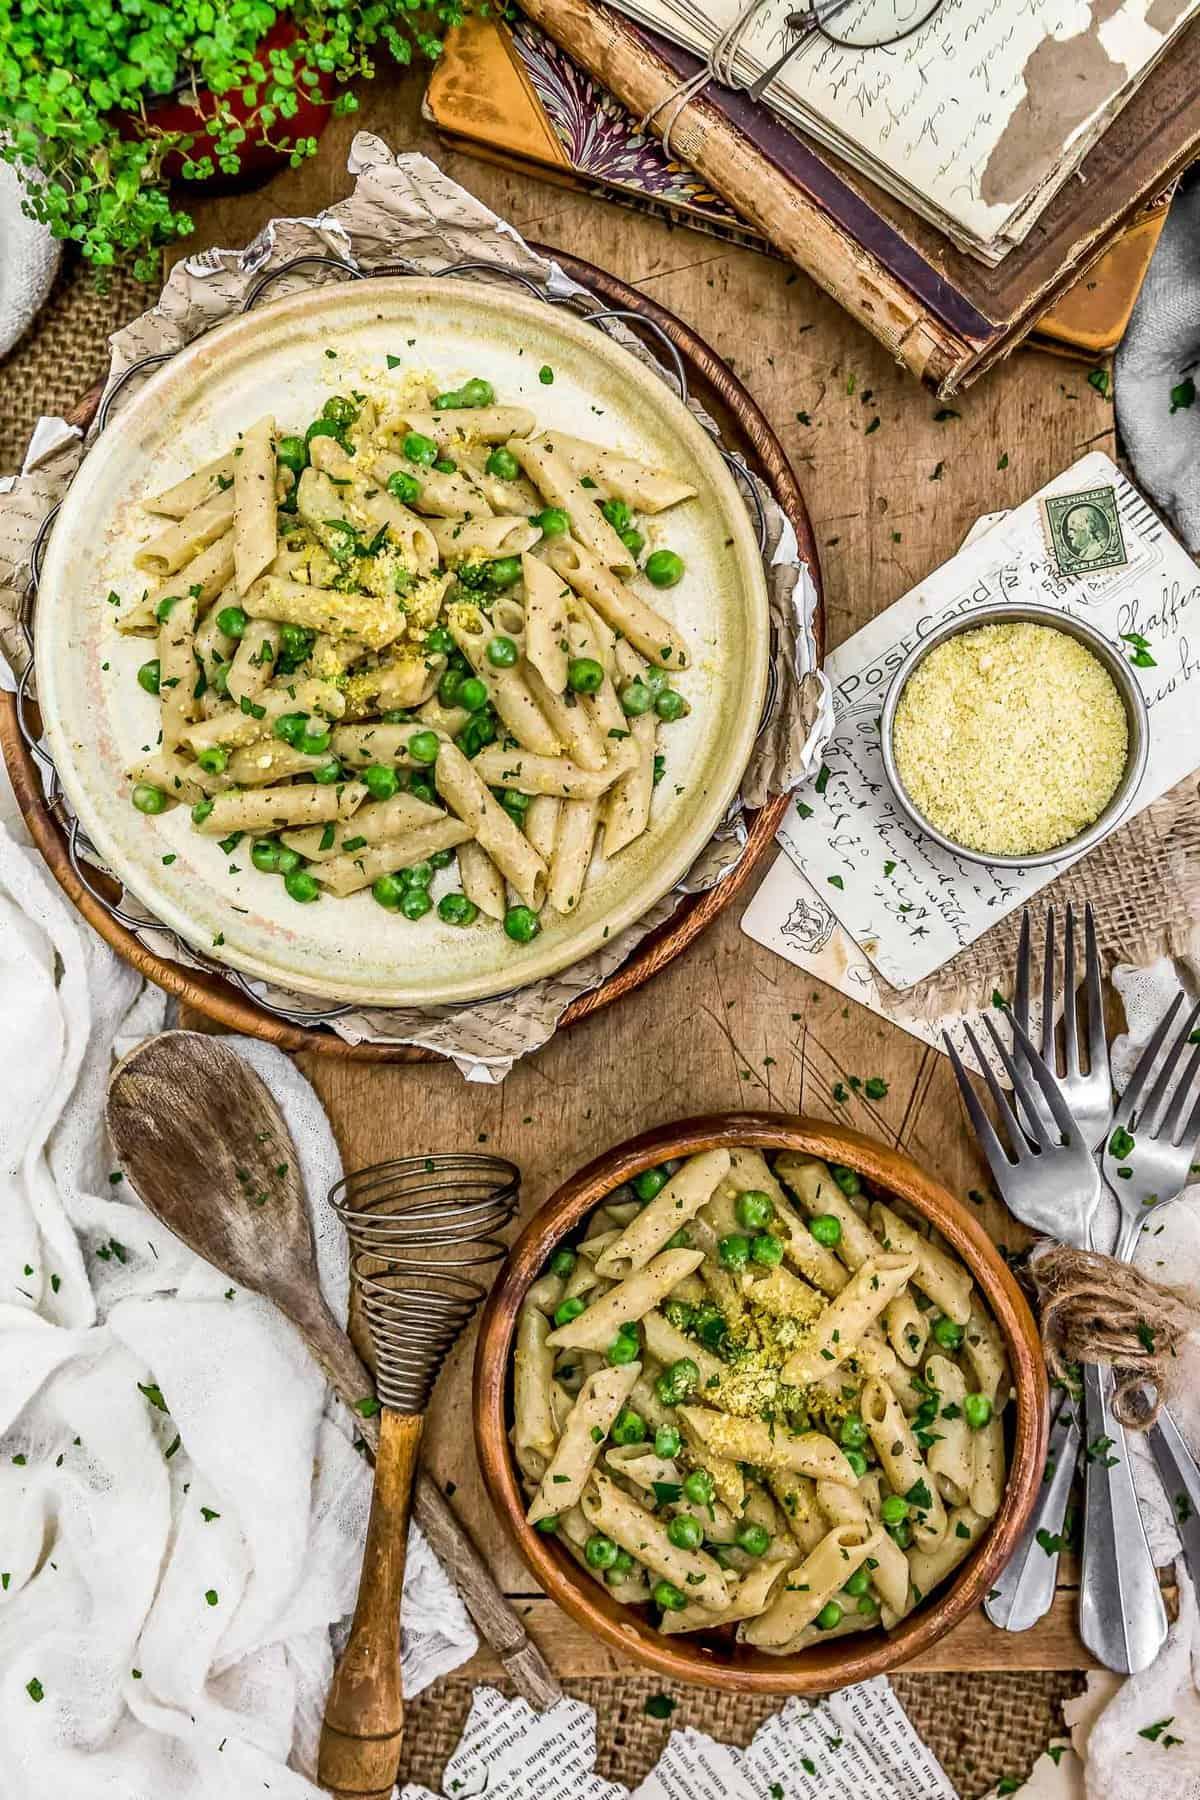 Tablescape of Creamy Garlic Pasta